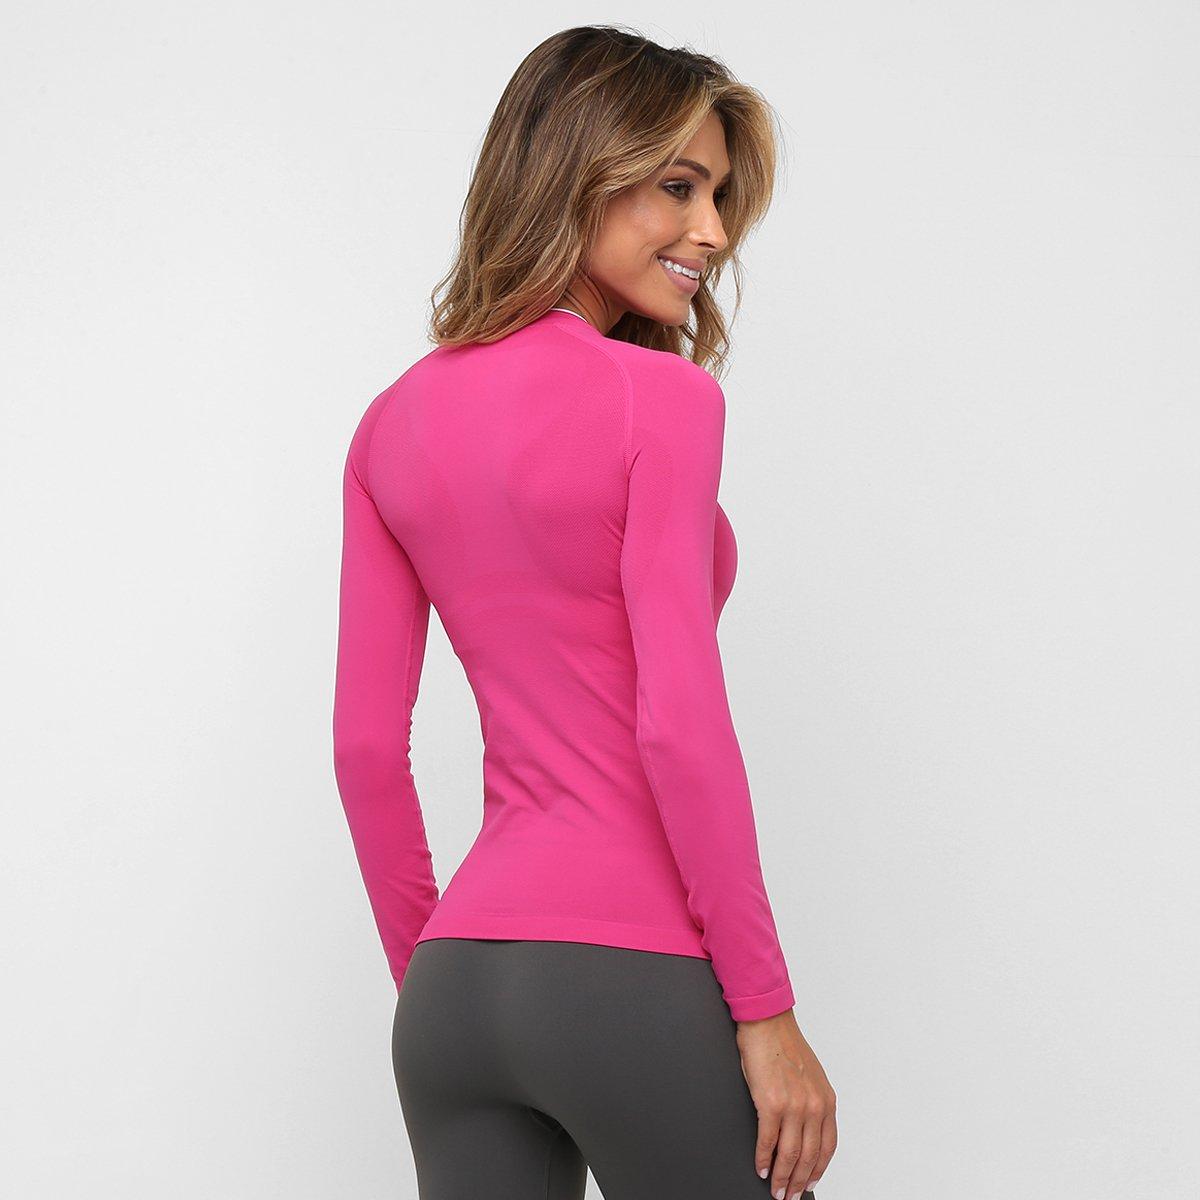 Camiseta Lupo Sport Térmica I-Core Manga Longa Feminina - Pink ... d9fb89d0f71e2